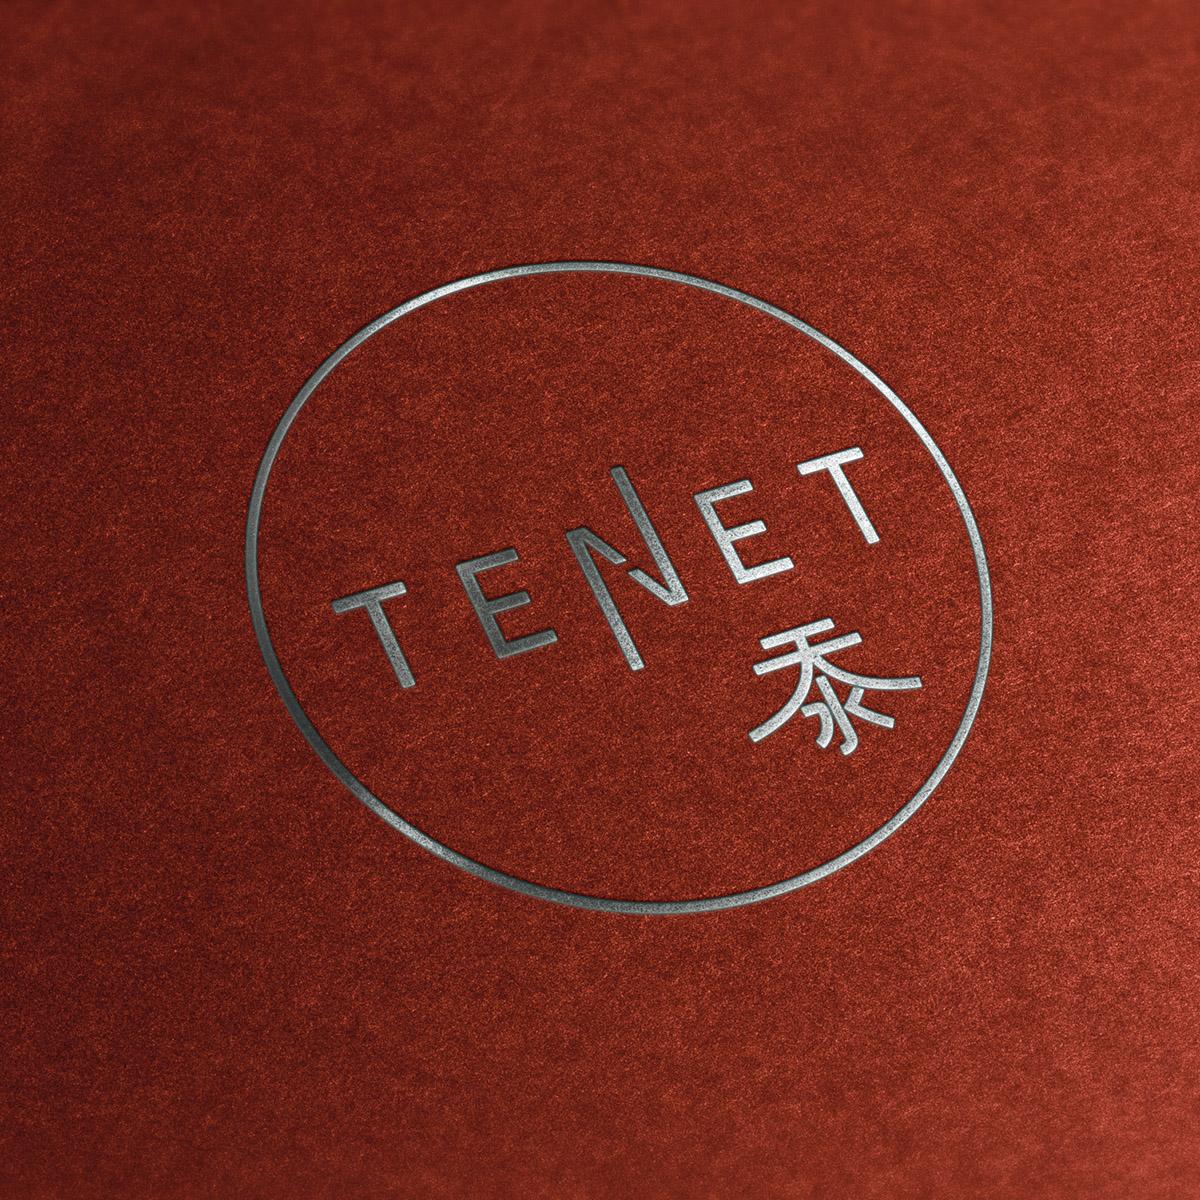 Tenet. Identidad y diseño de imagen by Goyo Rodríguez